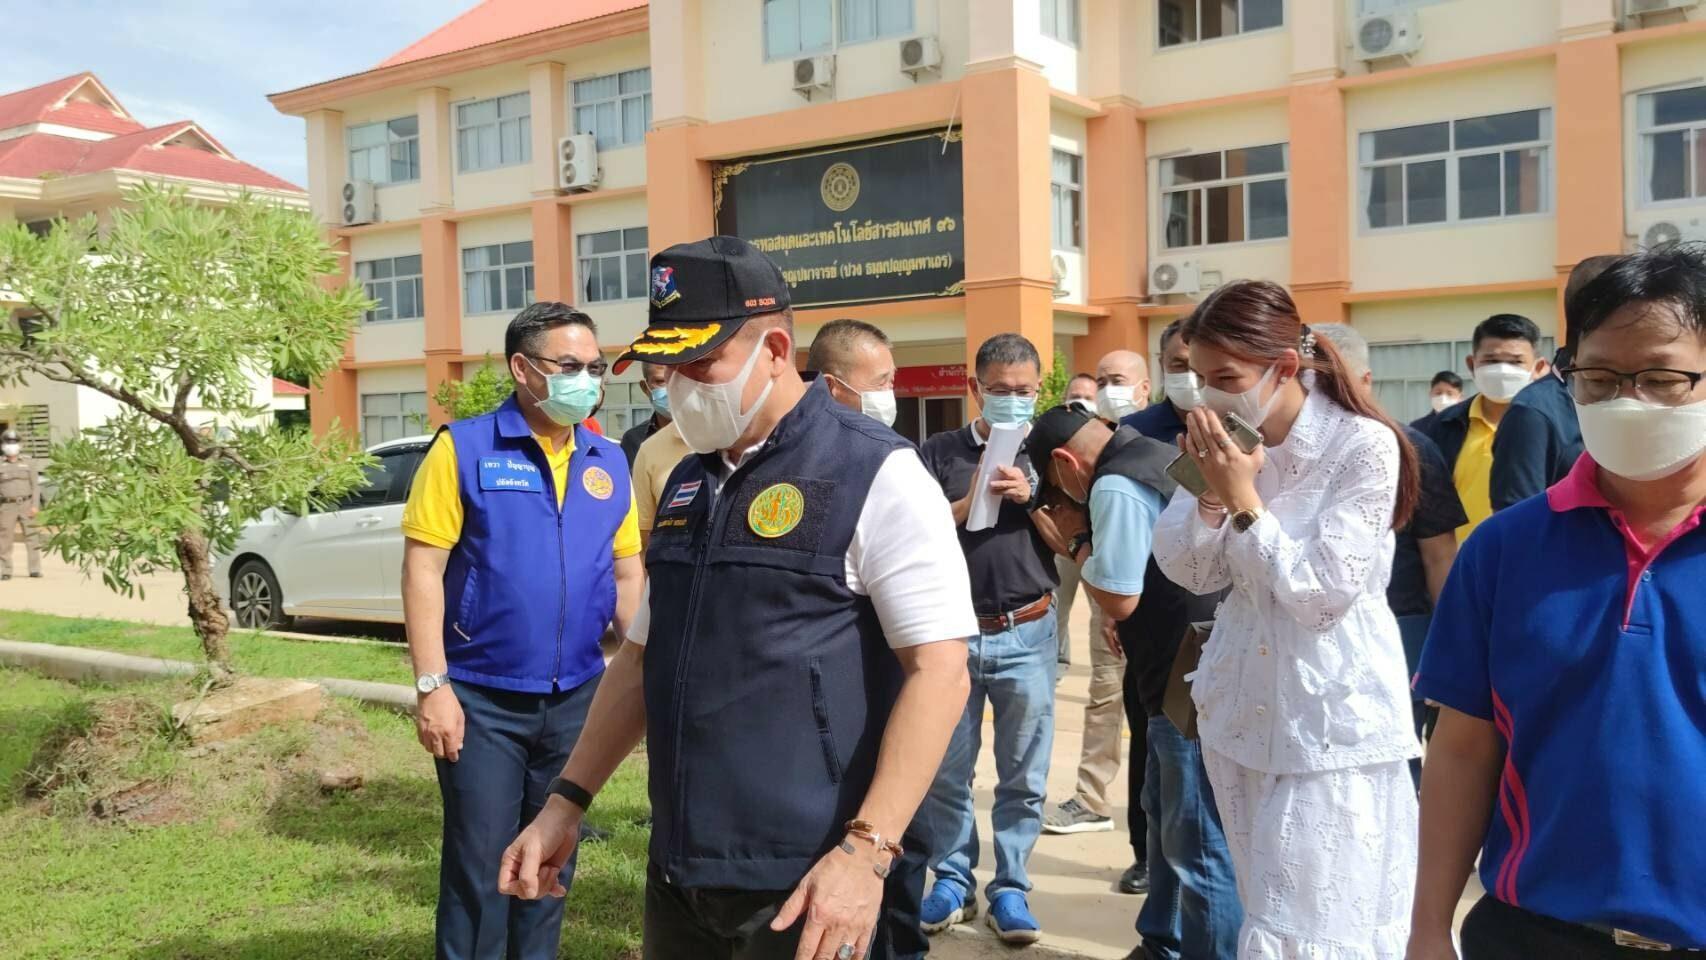 'ธรรมนัส' ระดมร่วมมือส่วนราชการพะเยา เดินหน้าโครงการ 'พาพี่น้องคนพะเยากลับบ้าน' รักษาตัวติดเชื้อโควิด-19 ตั้ง